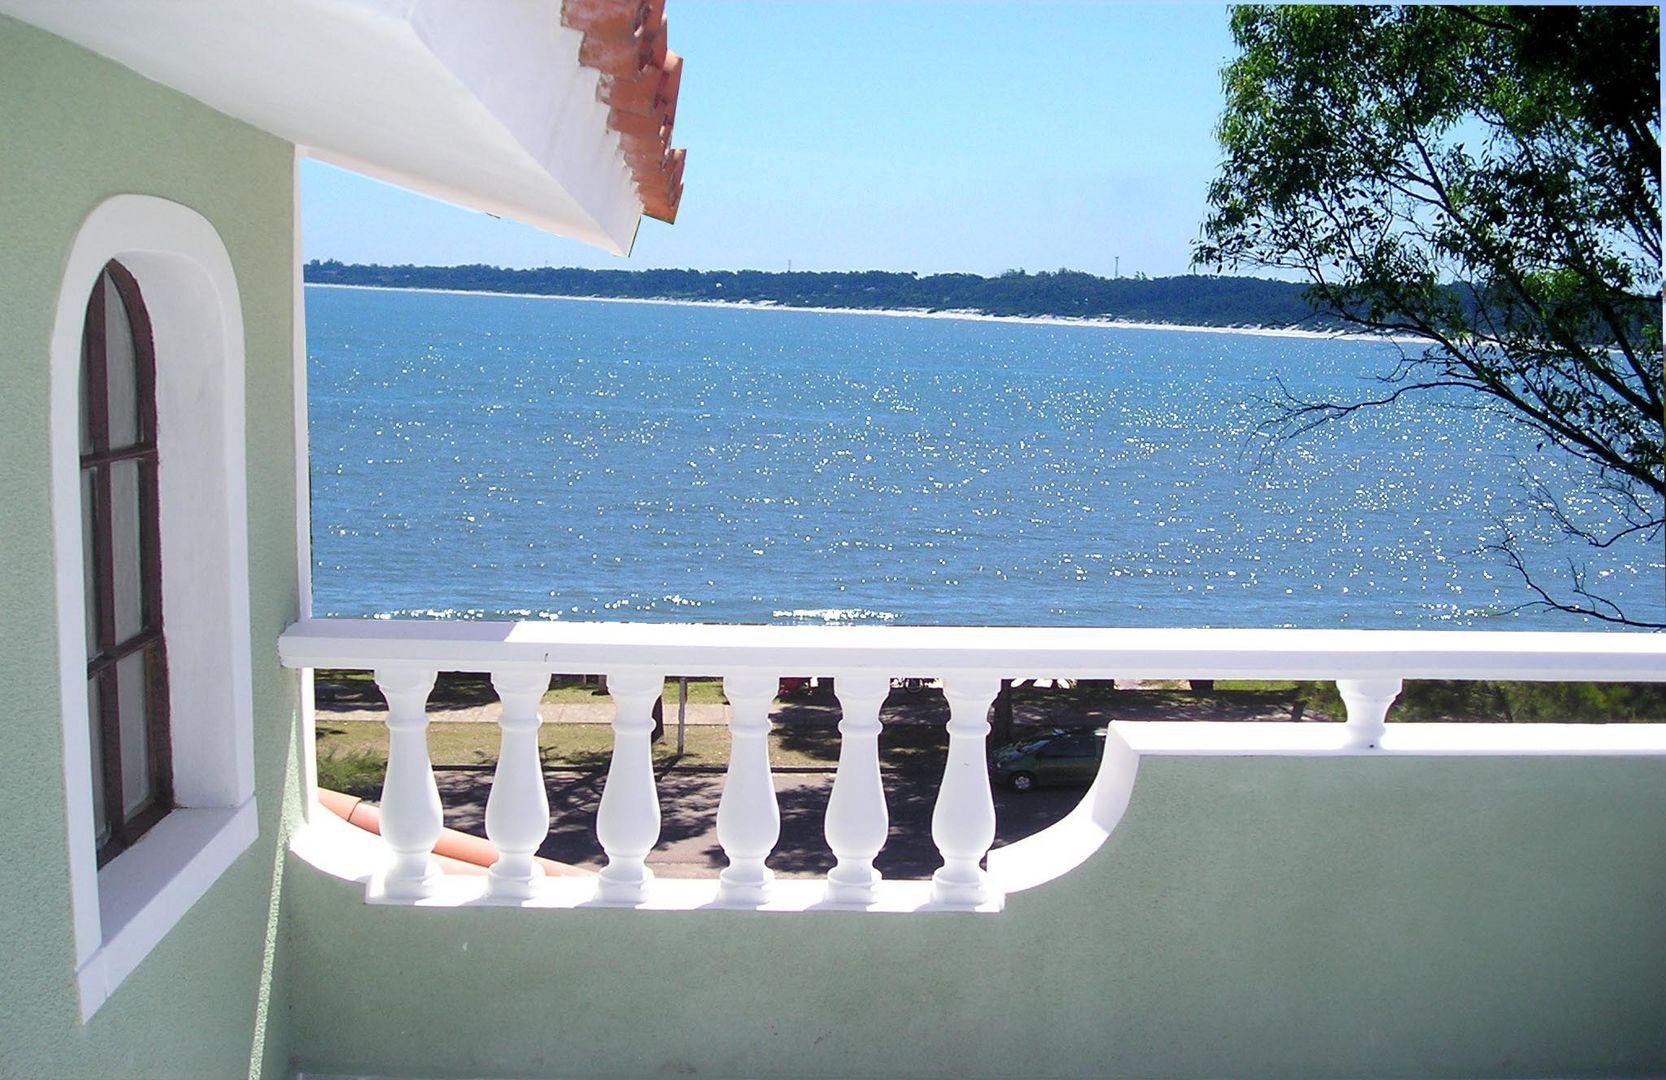 Atlantida, Canelones,Rio de la Plata.